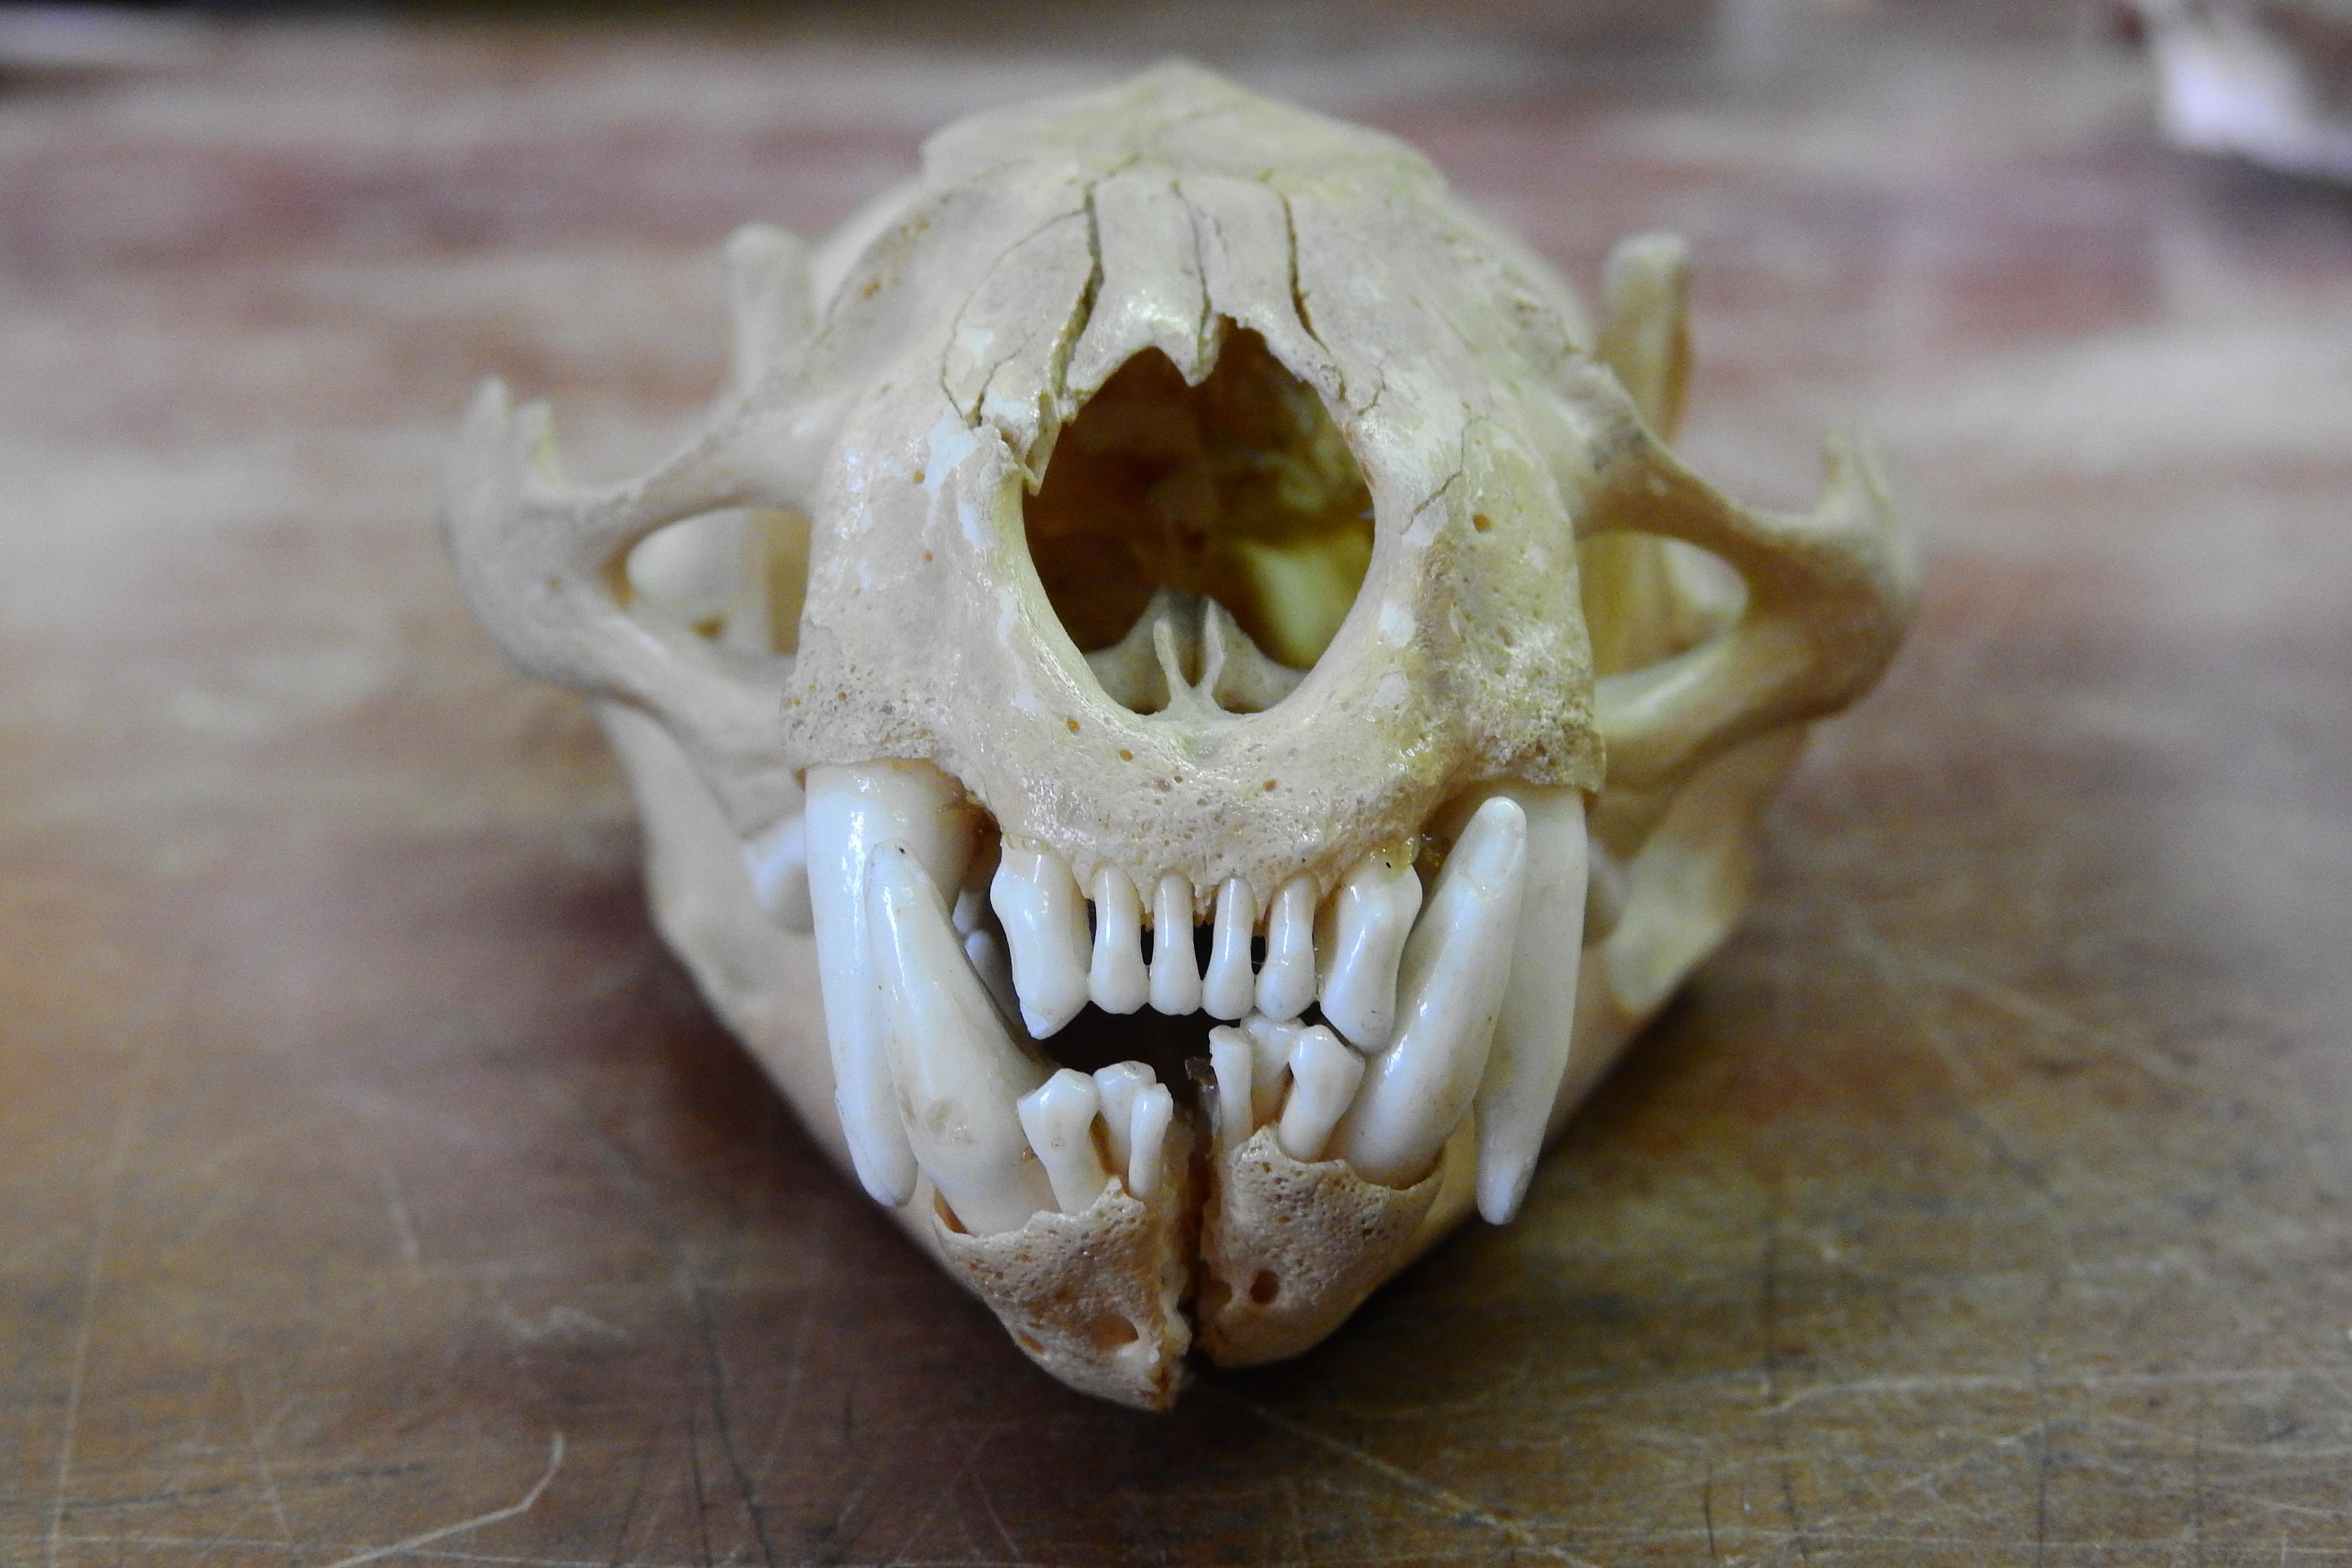 Fotos gratis : mano, cuerno, felino, cráneo, hueso, cuerpo humano ...